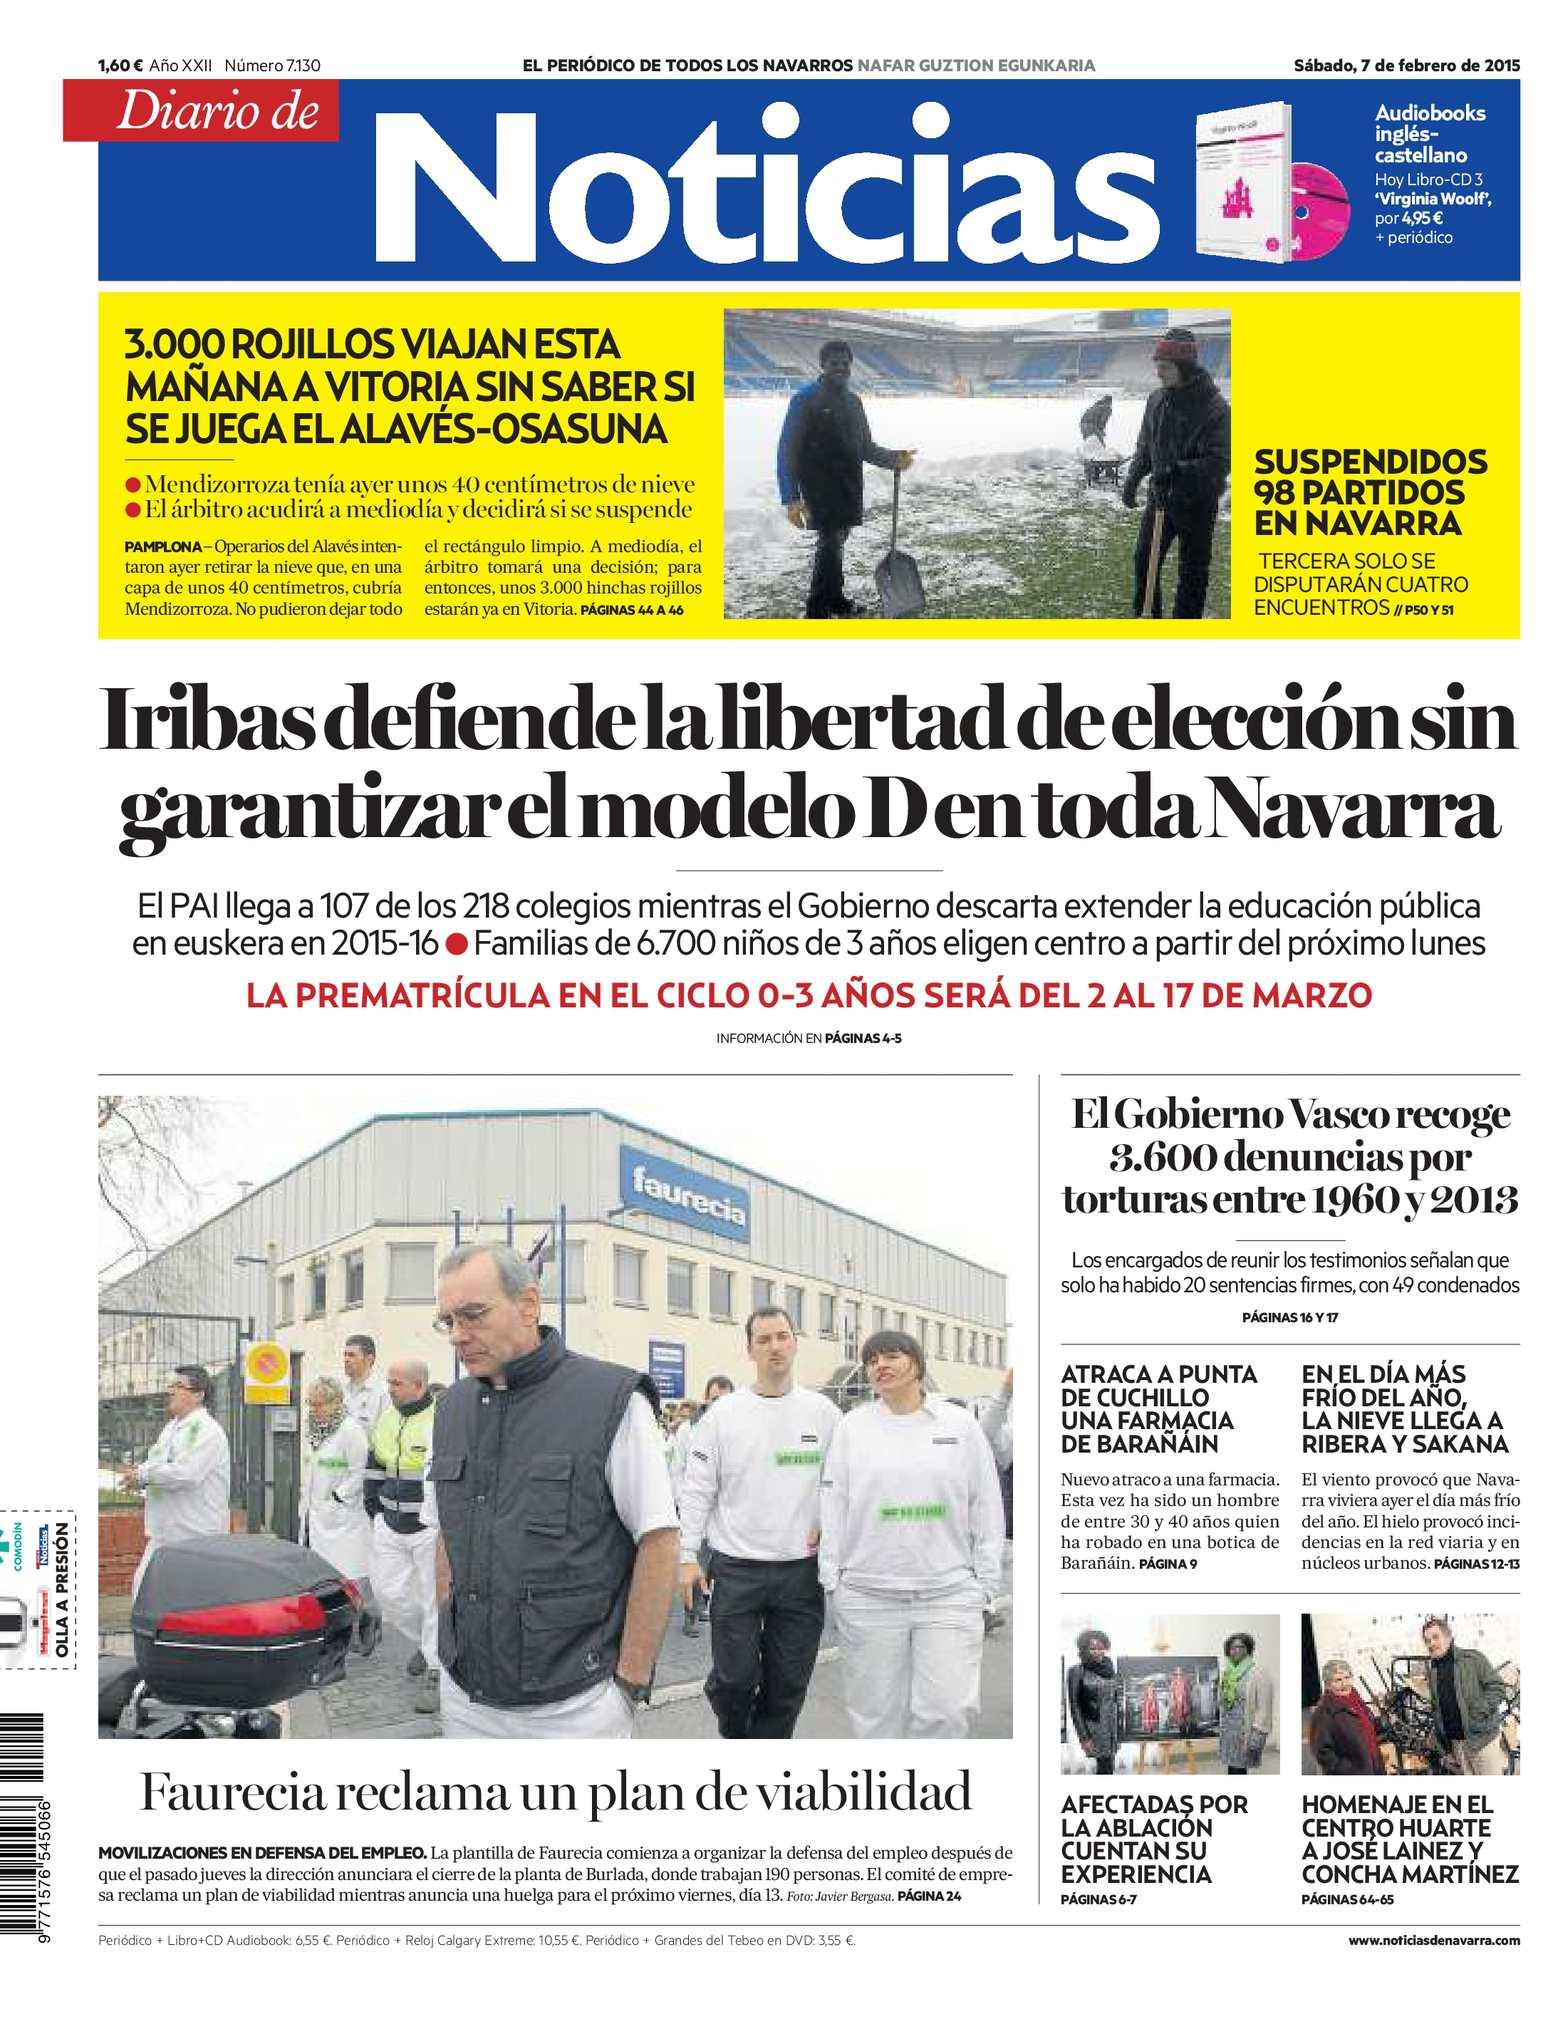 Calaméo - Diario de Noticias 20150207